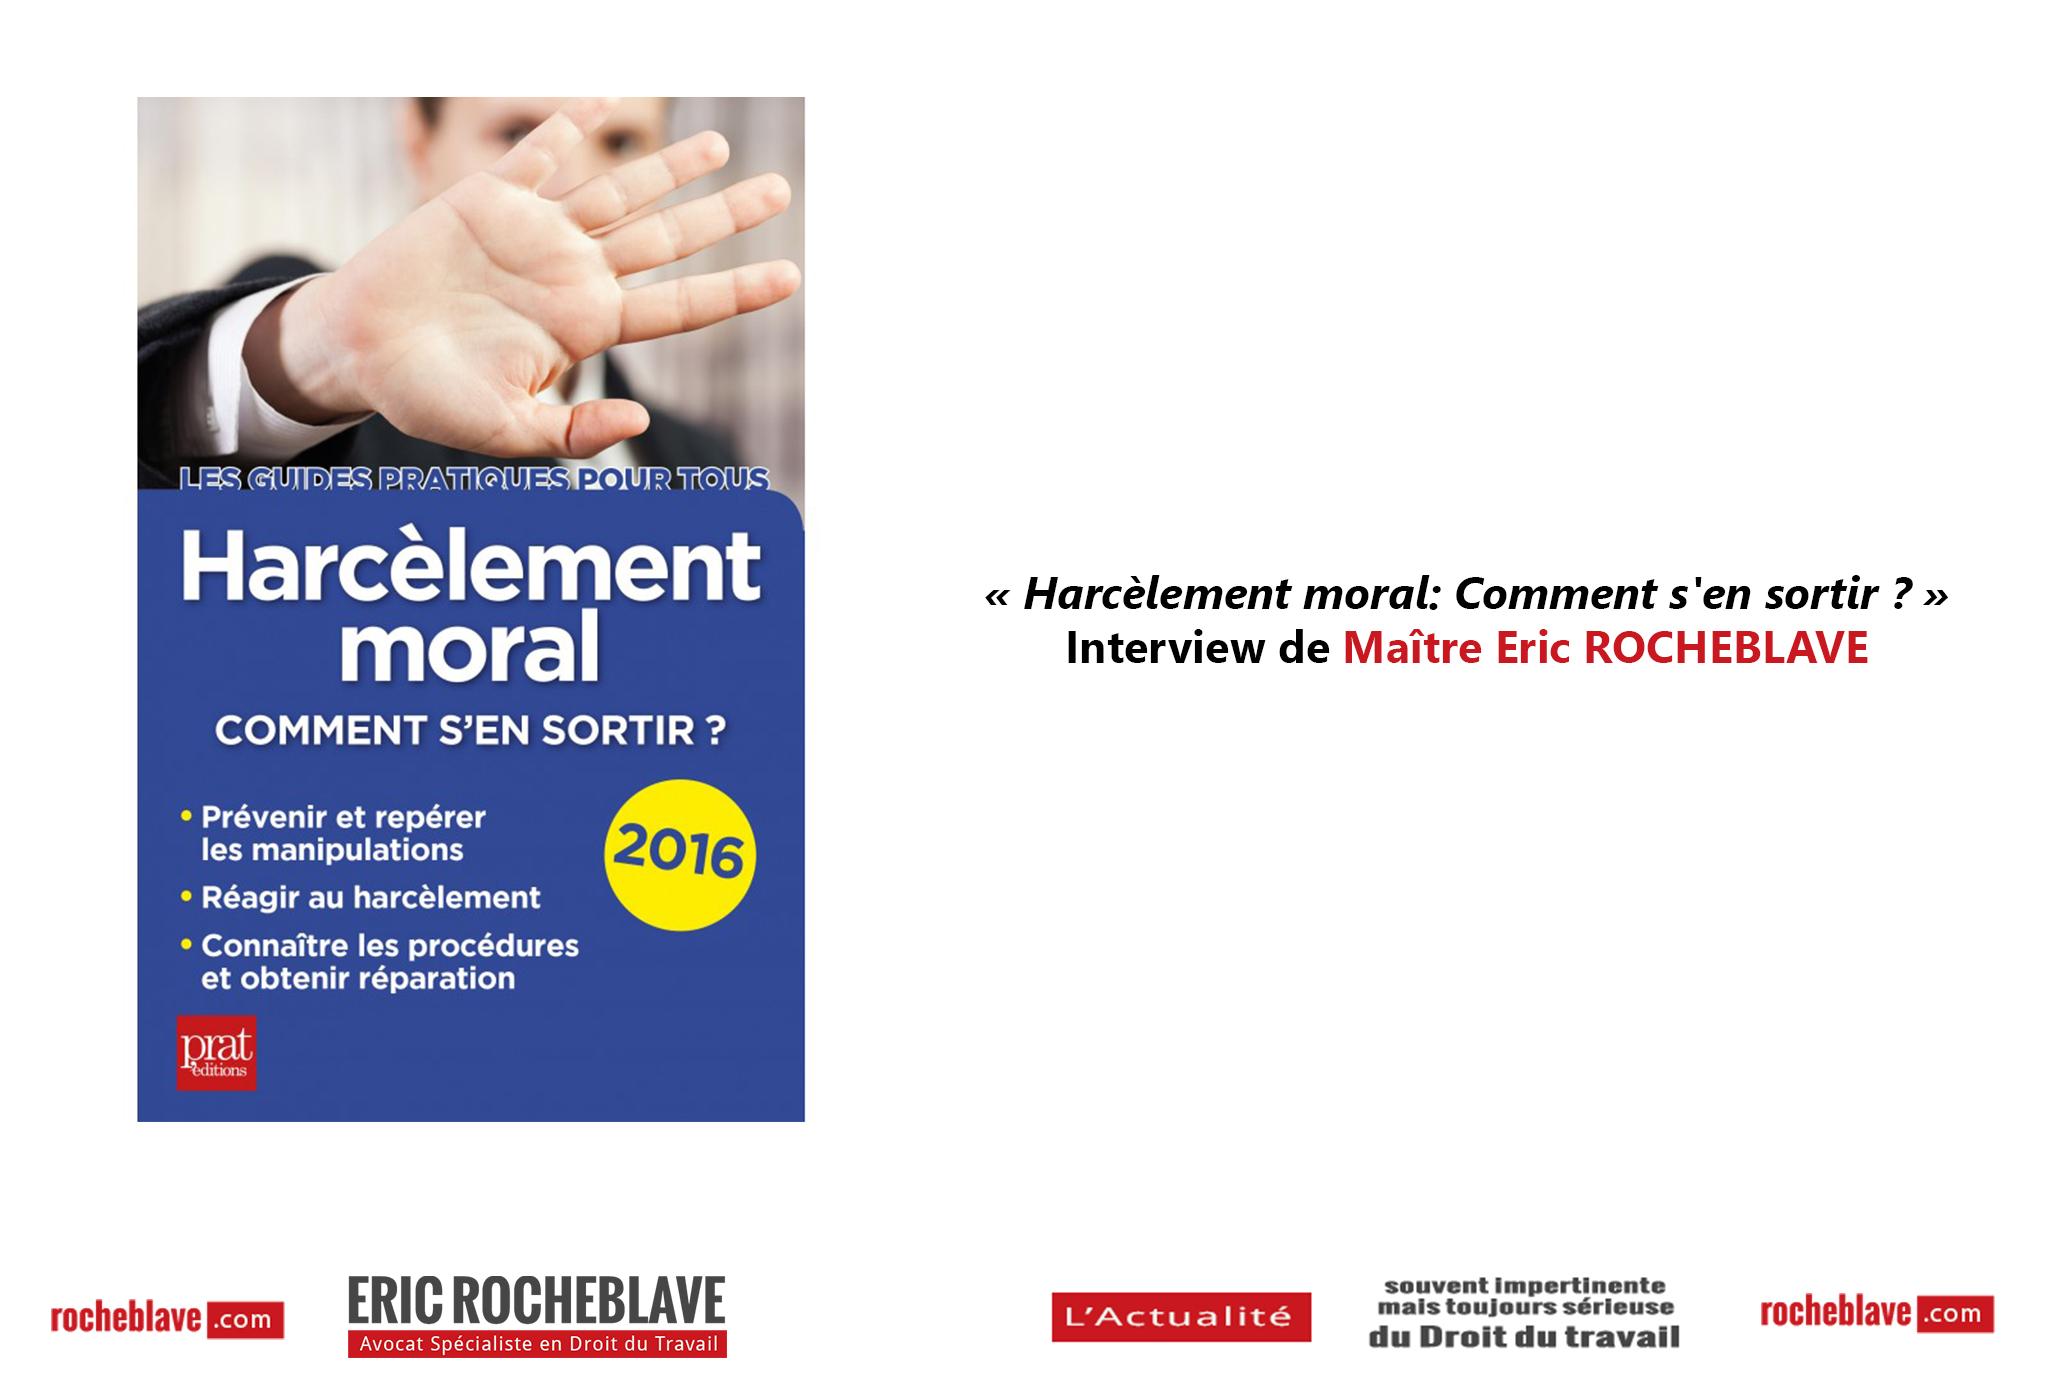 « Harcèlement moral: Comment s'en sortir ? » Interview de Maître Eric ROCHEBLAVE